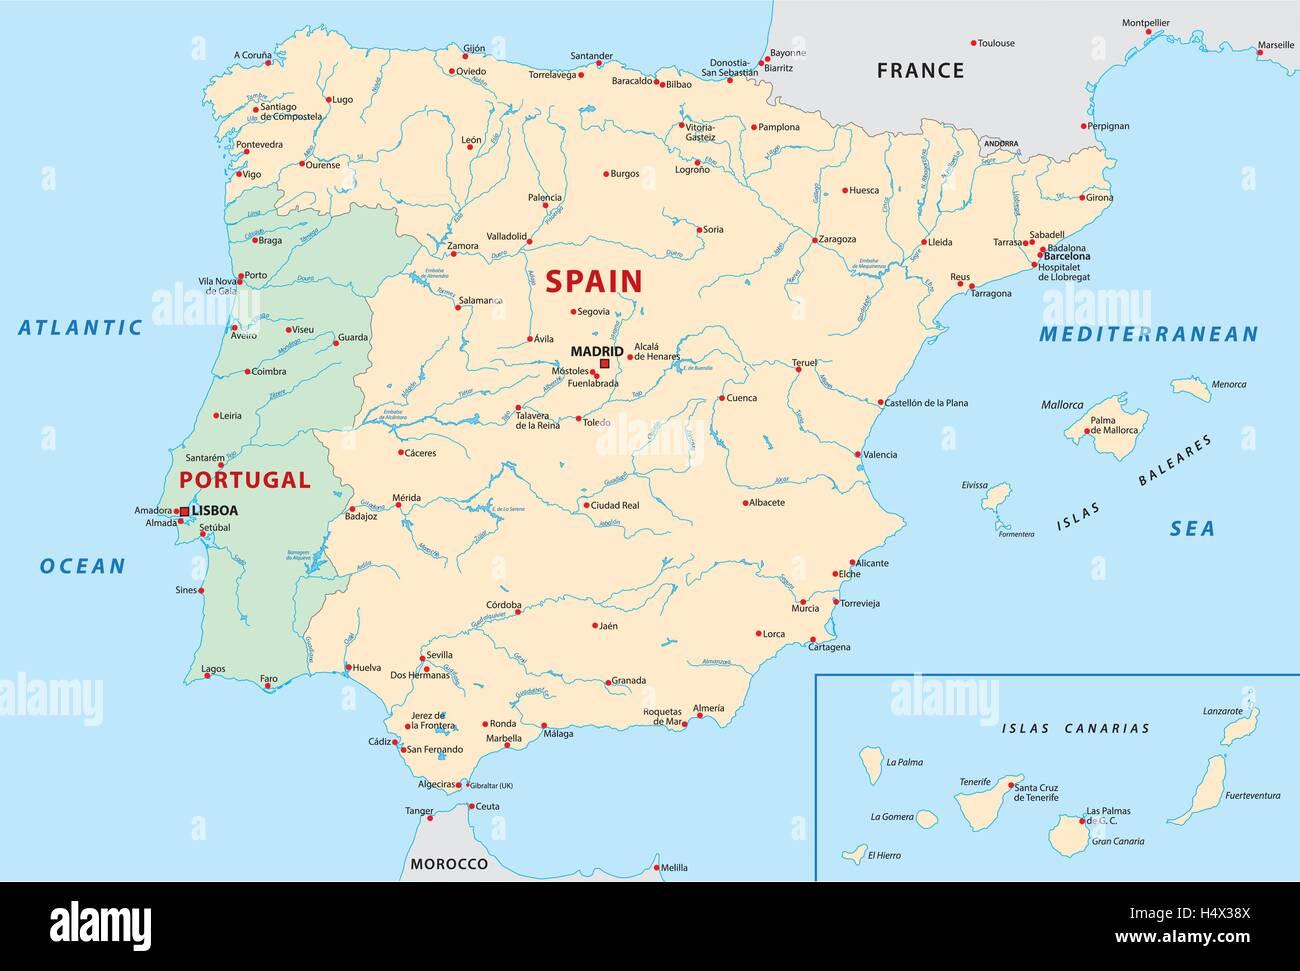 Portogallo Spagna Cartina.Il Portogallo E La Spagna Mappa Immagine E Vettoriale Alamy